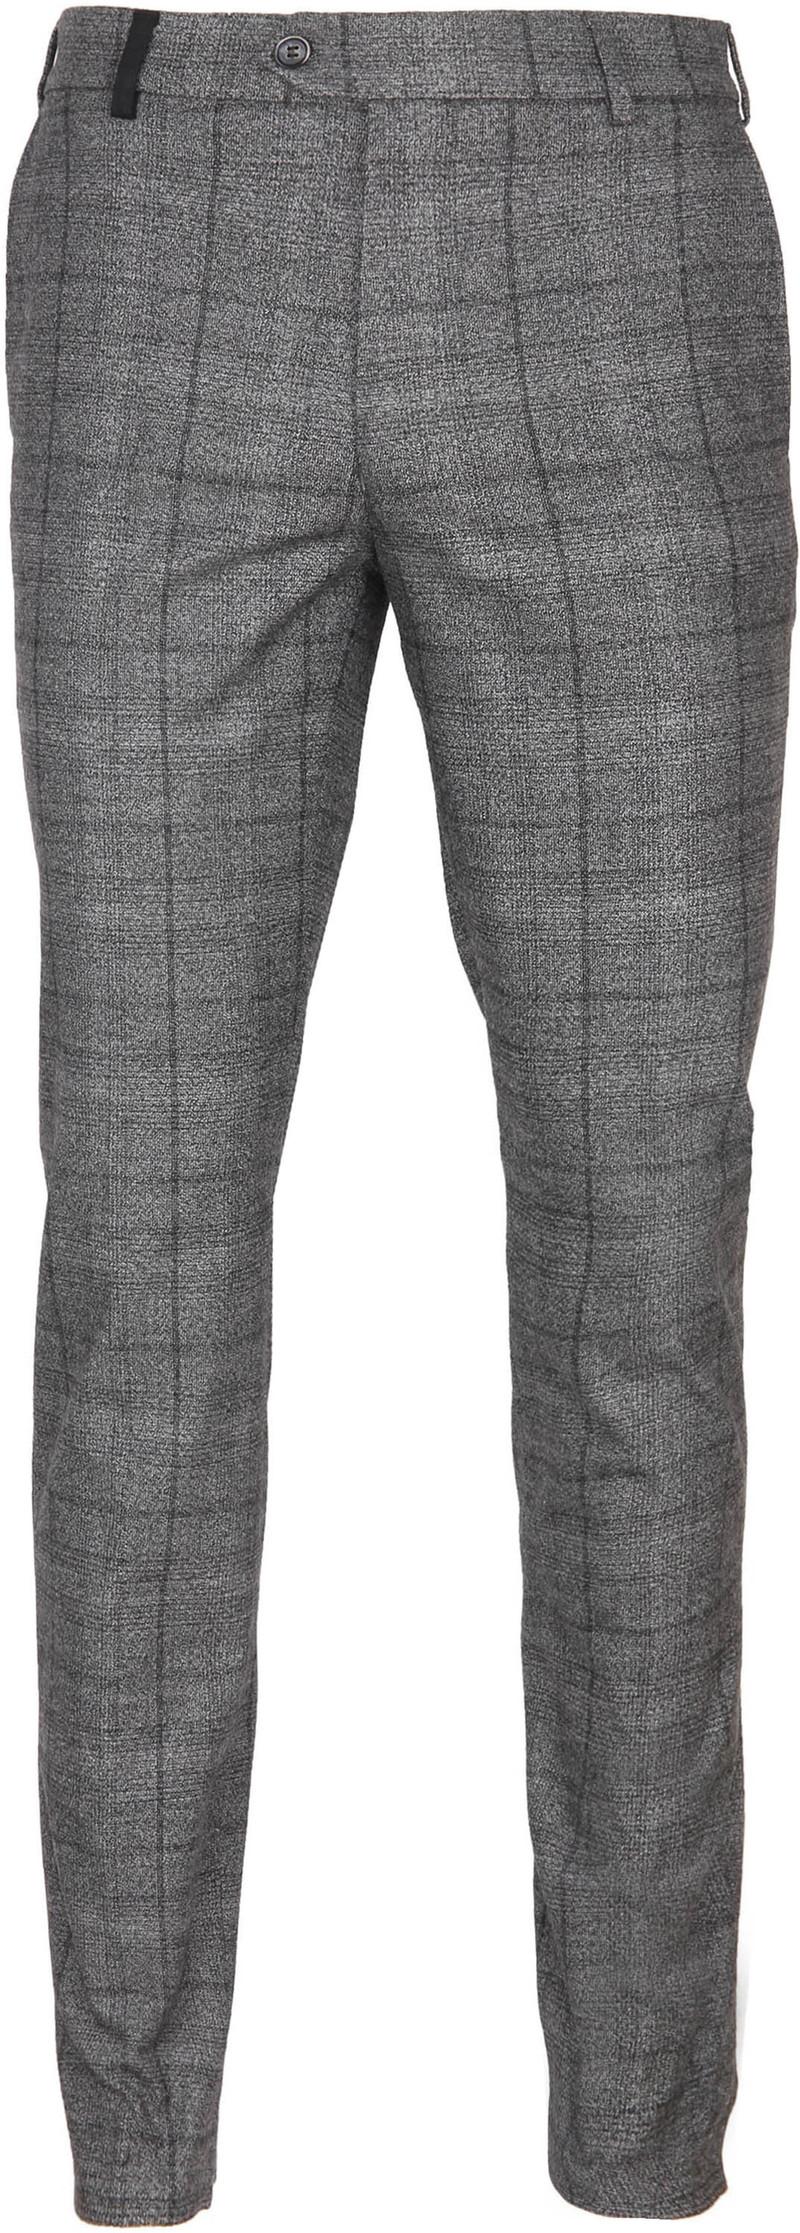 Suitable Pantalon Milano Ruit Grijs